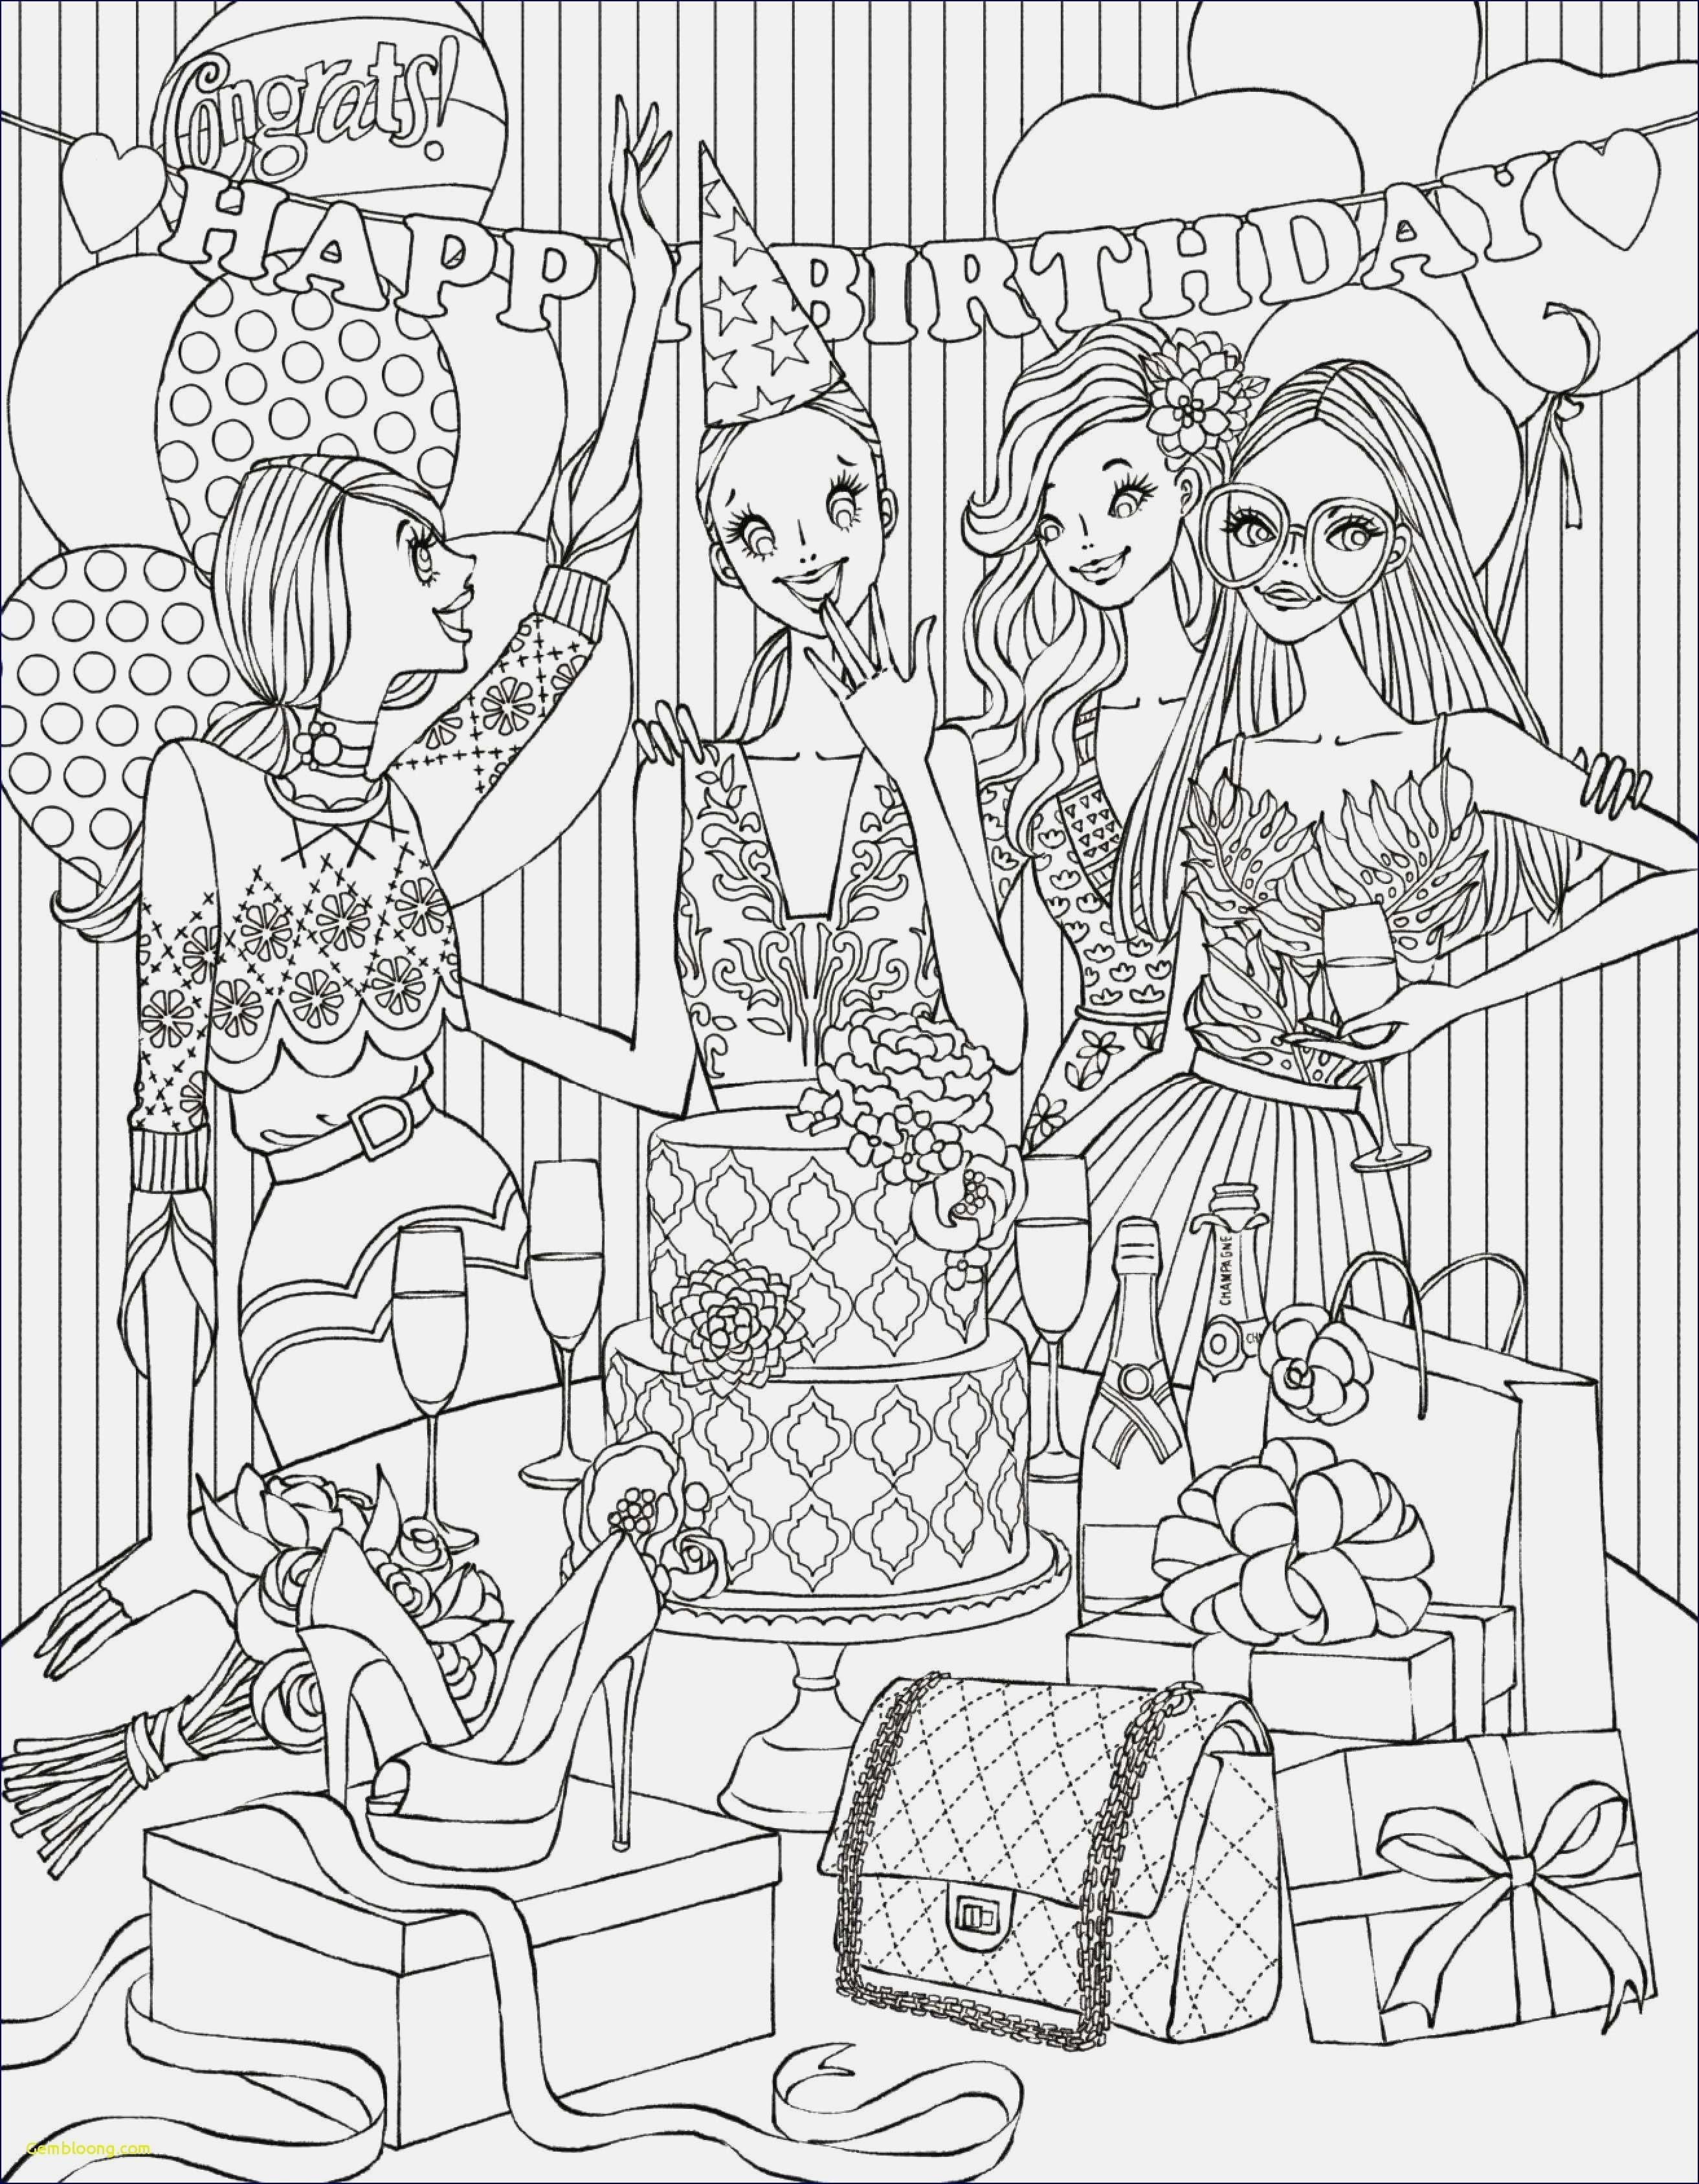 Disney Prinzessin Ausmalbild Das Beste Von Ausmalbilder Krampus Bildergalerie & Bilder Zum Ausmalen Disney Galerie